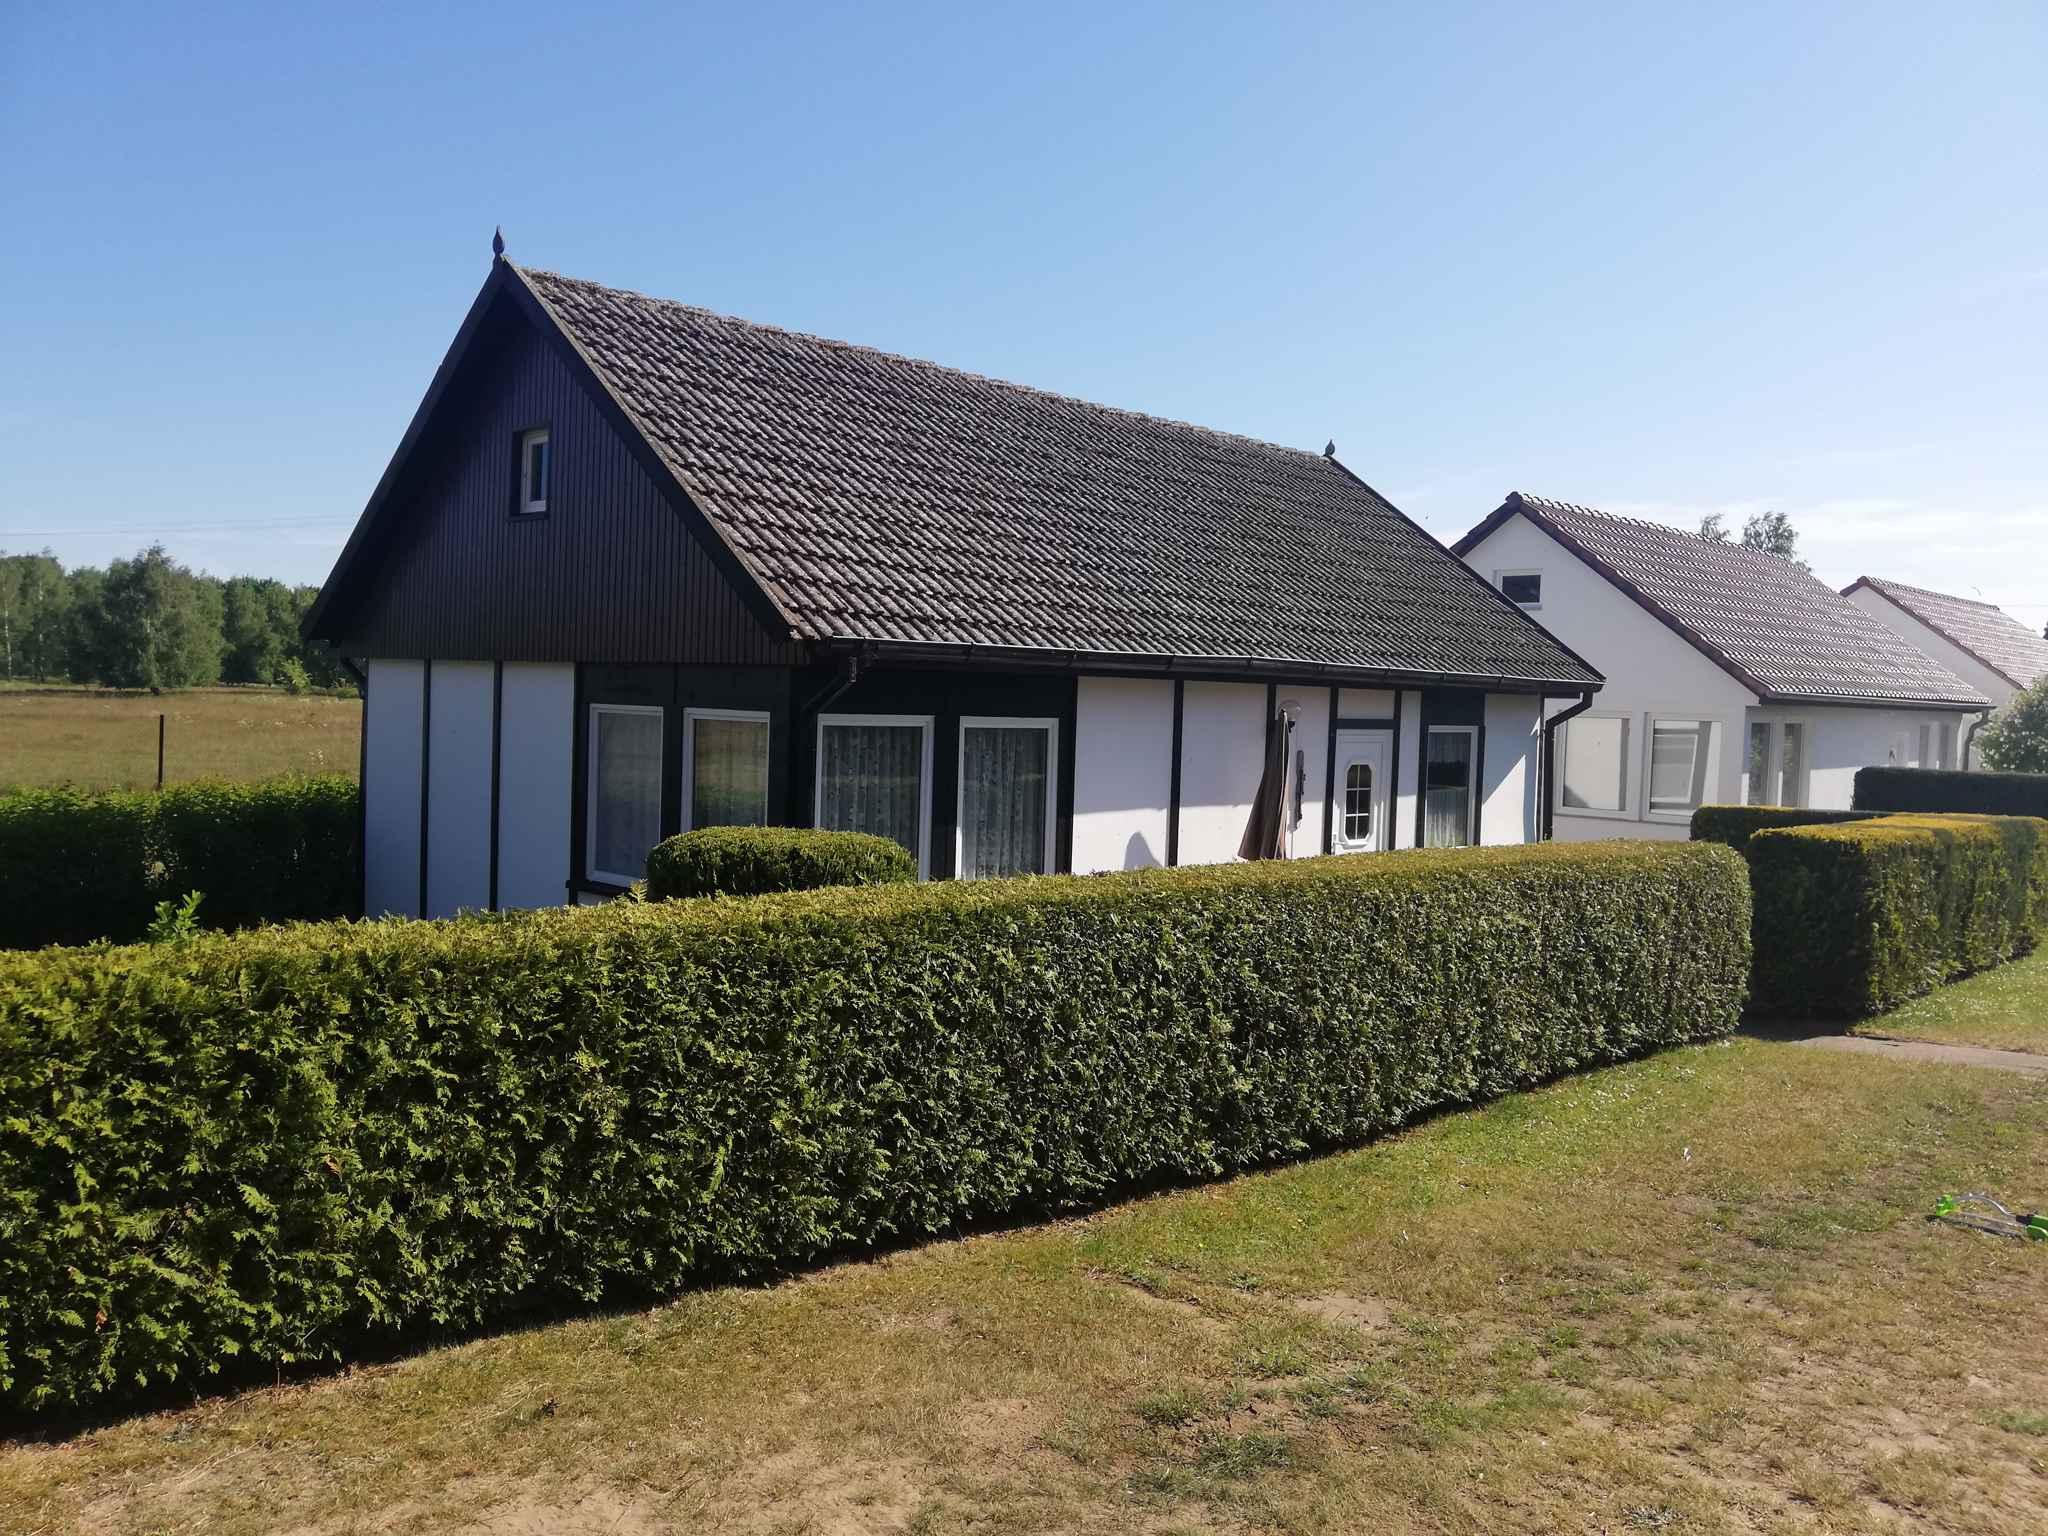 Ferienhaus Bungalow mit Terrasse und Garten (356736), Fuhlendorf, Ostseeküste Mecklenburg-Vorpommern, Mecklenburg-Vorpommern, Deutschland, Bild 3